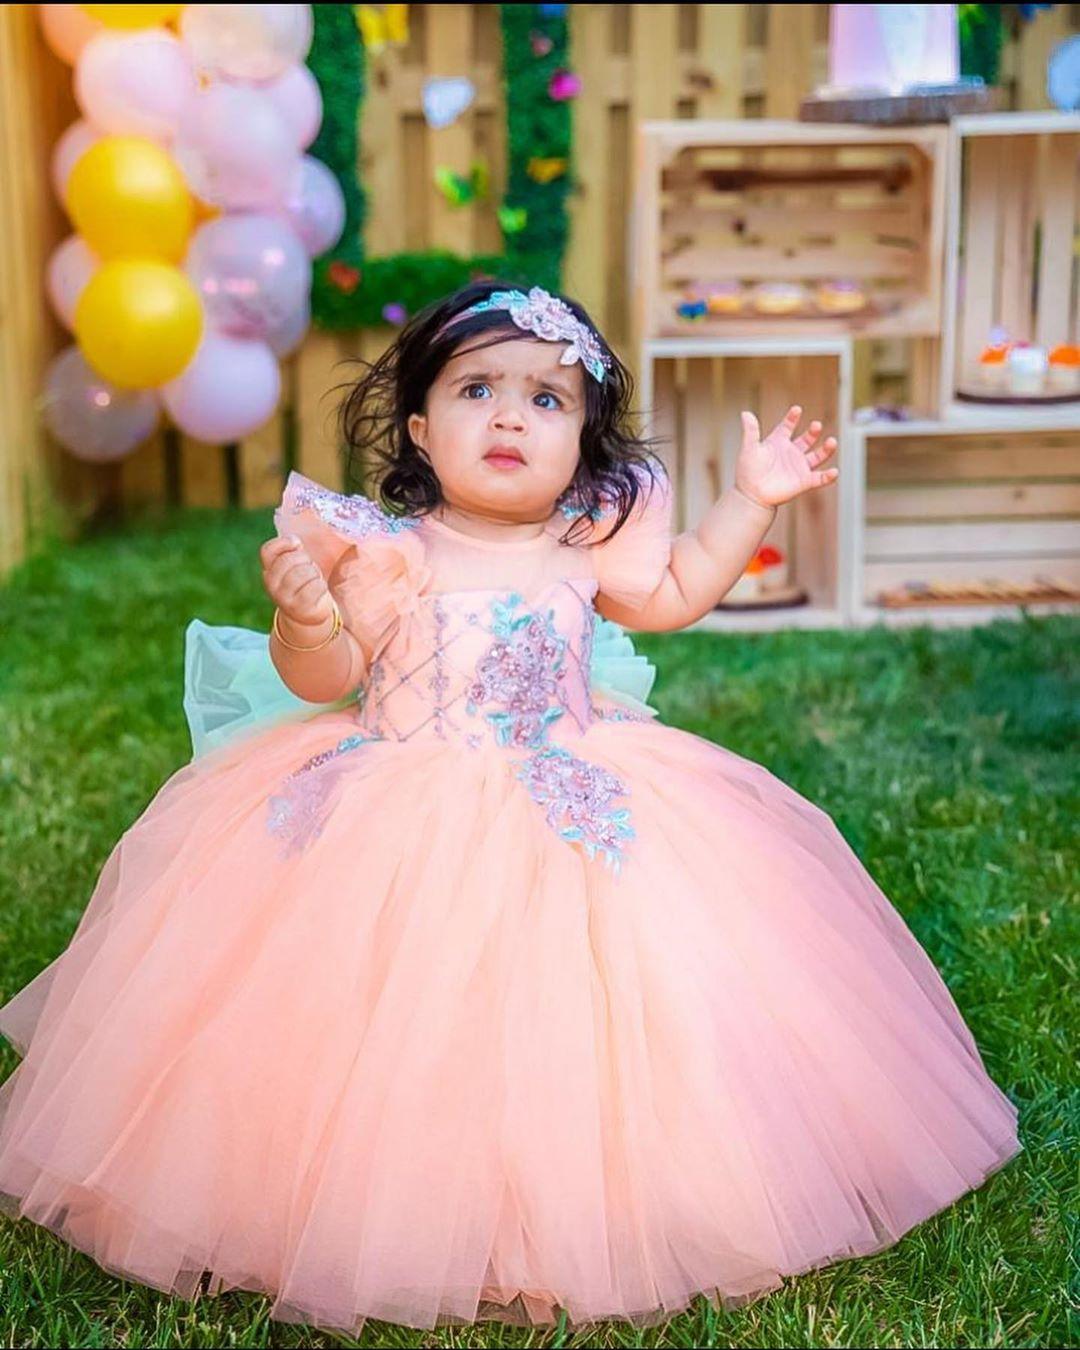 핑크 레이스 페르시 꽃의 소녀 드레스 쉬어 목 얇은 명주 그물 어린 소녀 웨딩 드레스 저렴한 성찬식 선발 대회 드레스 가운 F3200